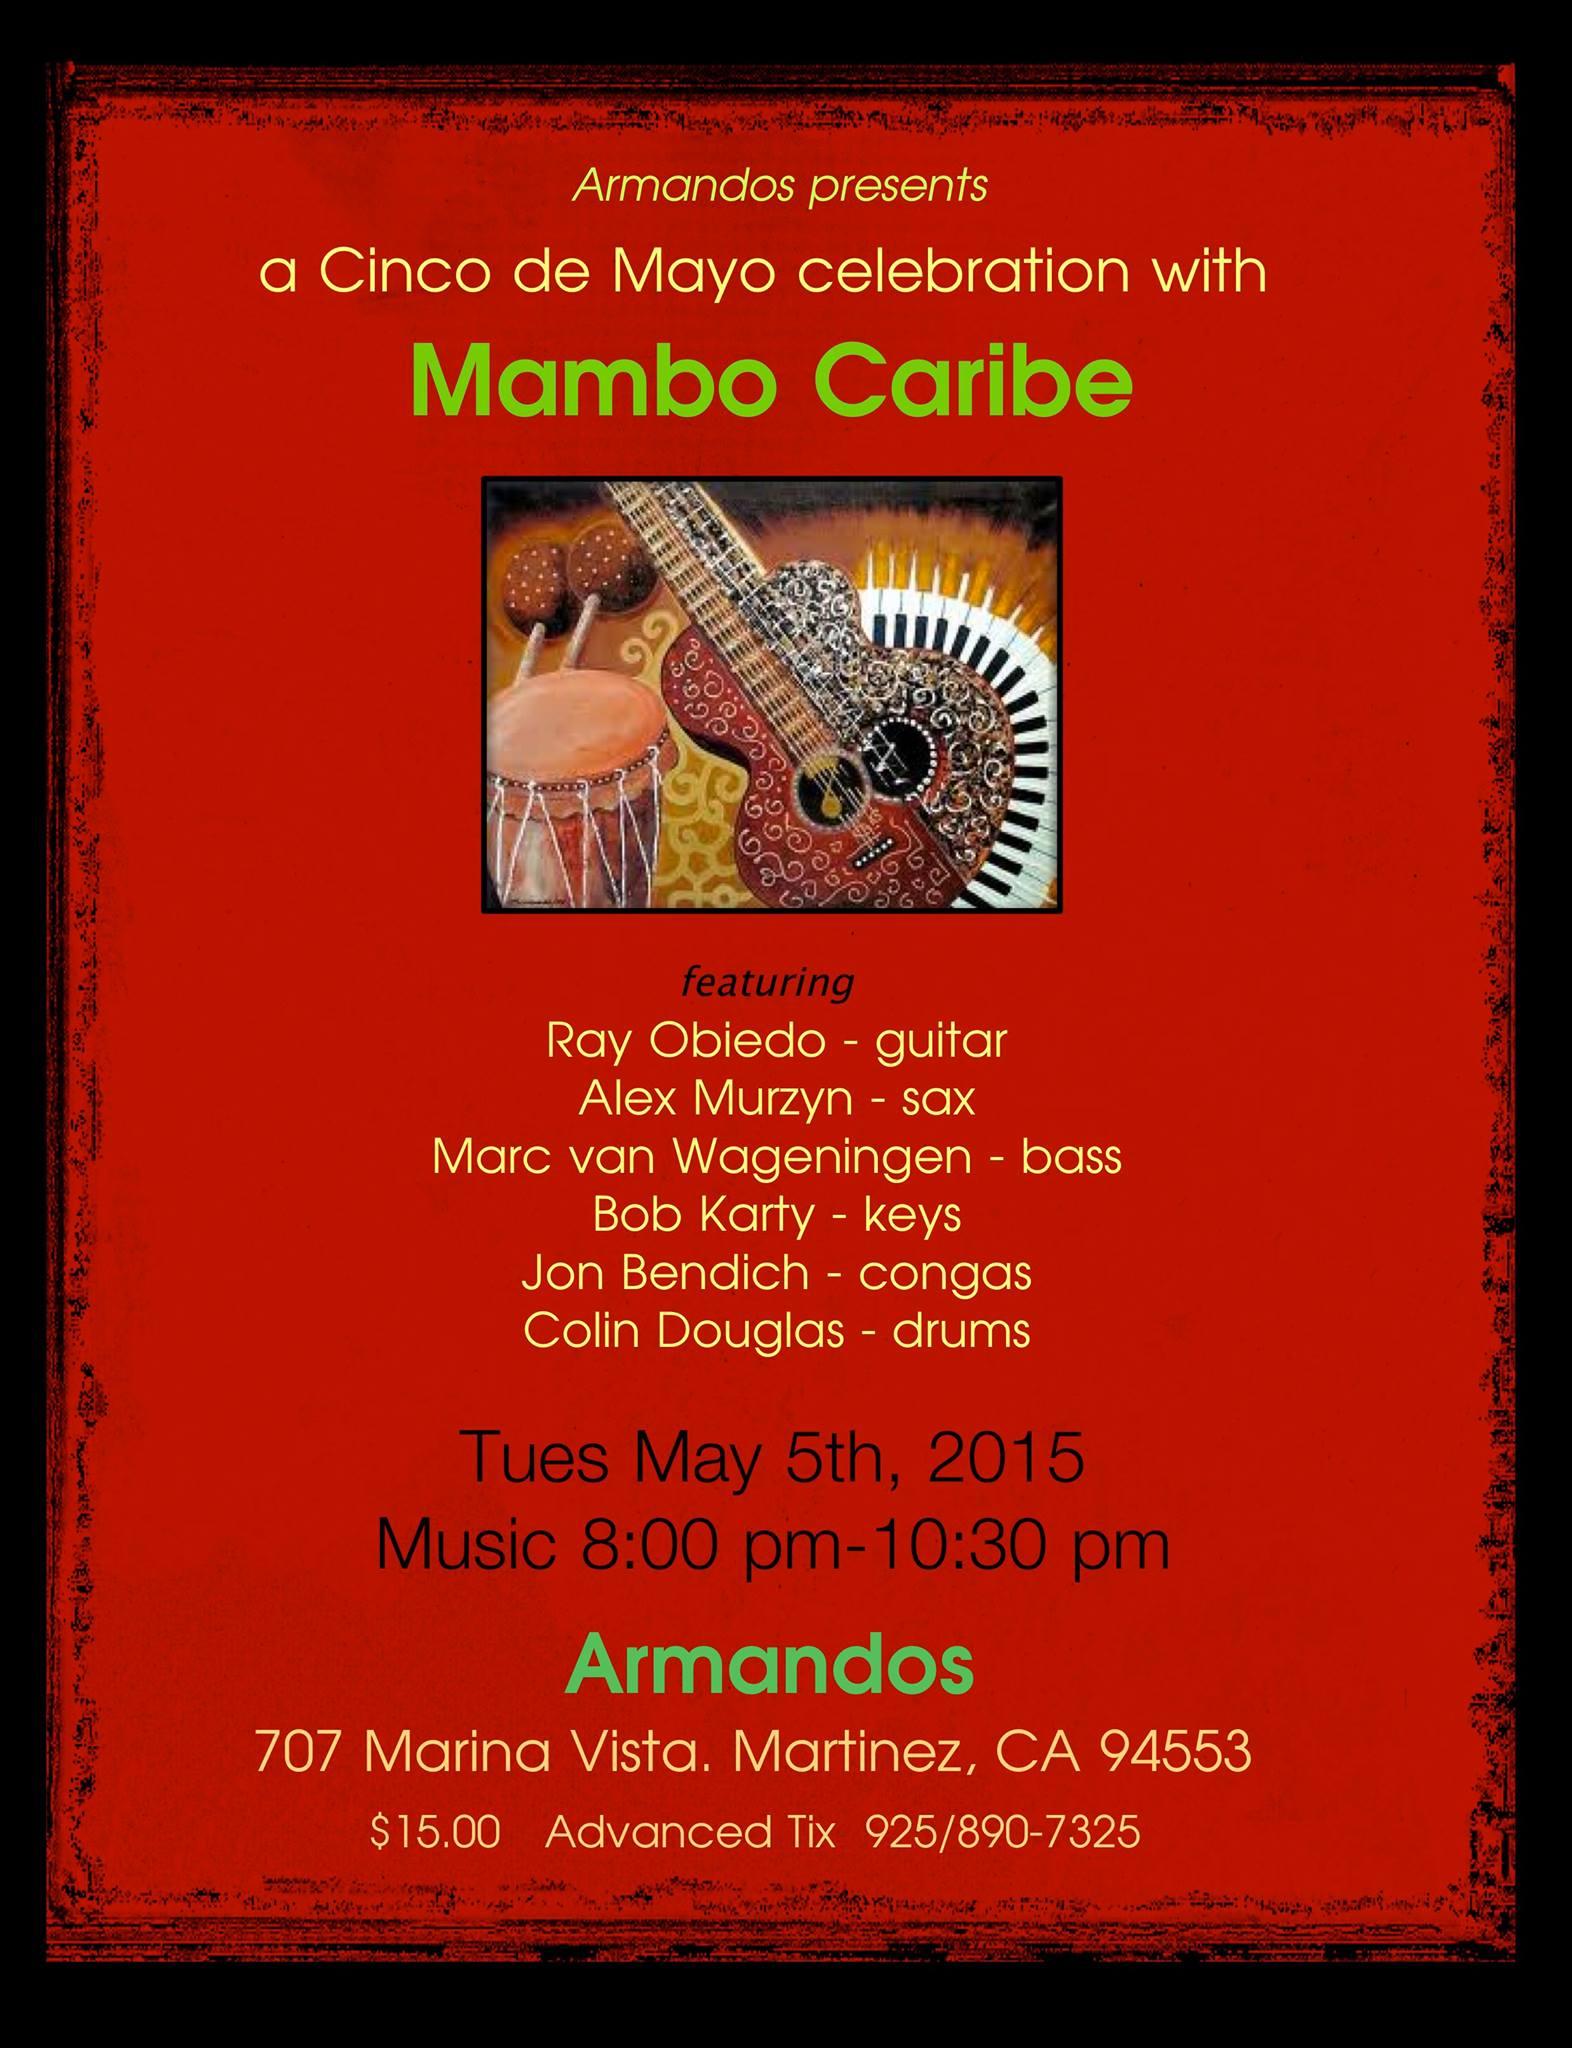 Mistura Fina at Armando's May 5